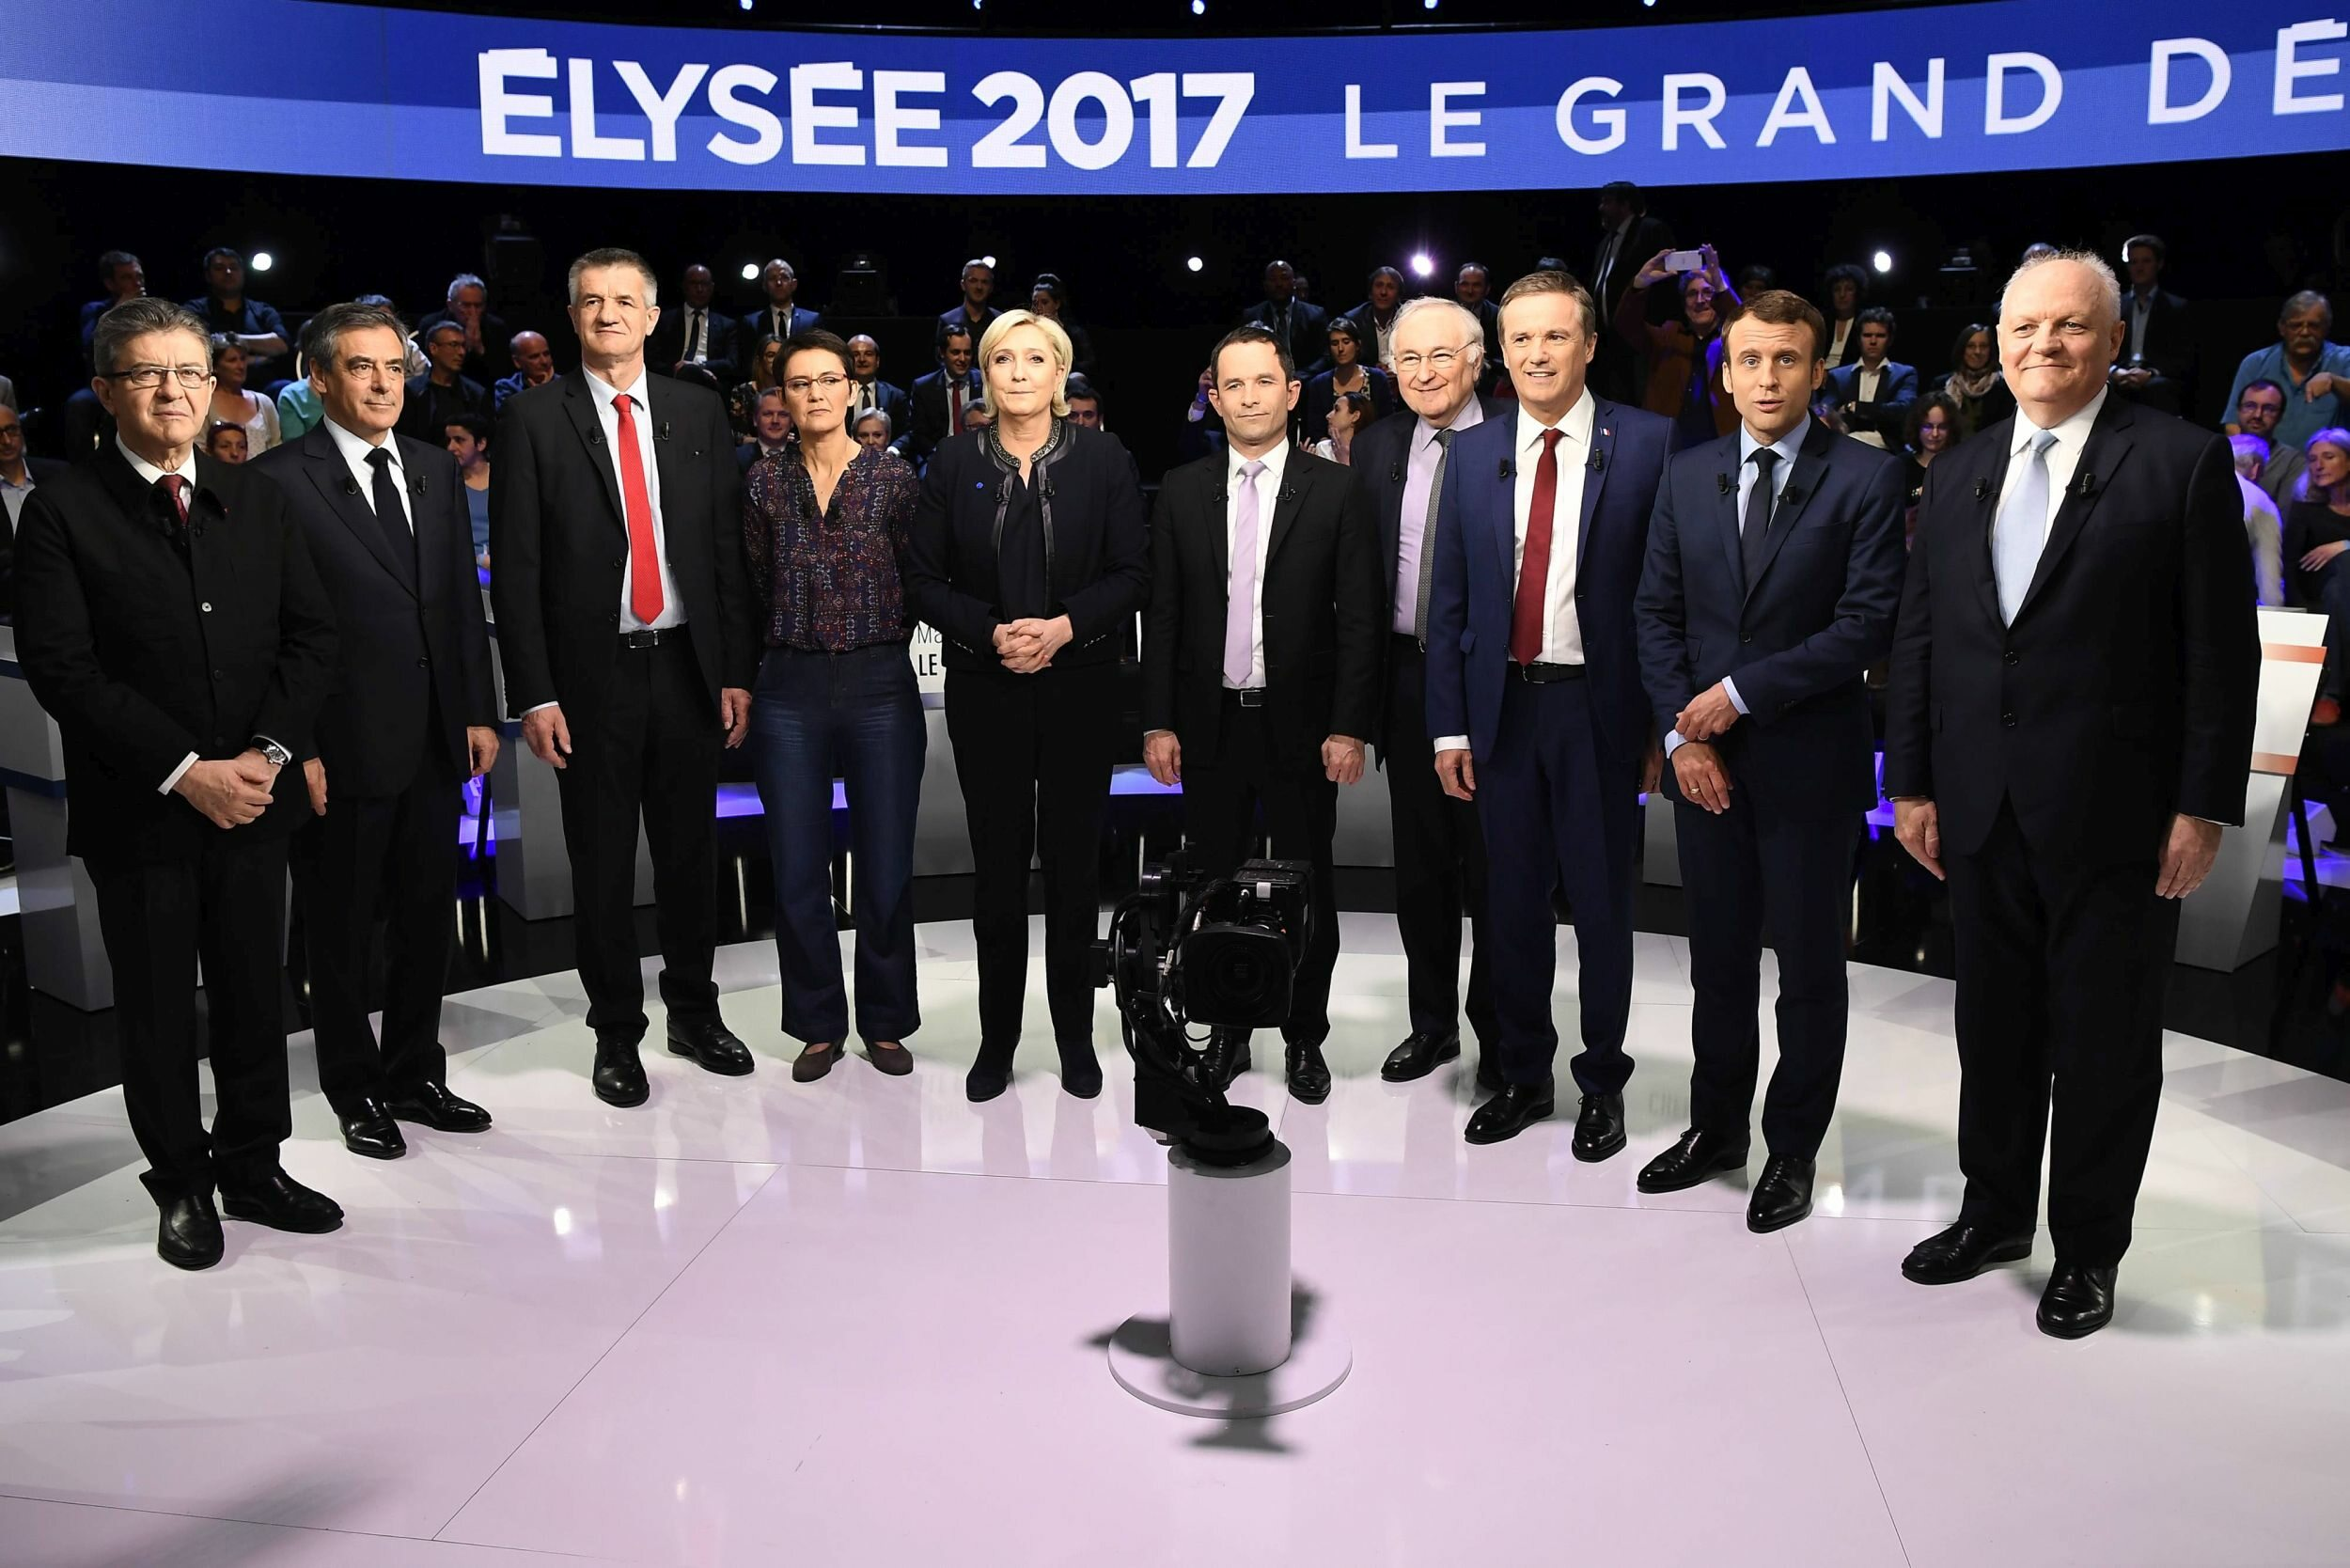 Debata telewizyjna 10 kandydatów na prezydenta Francji